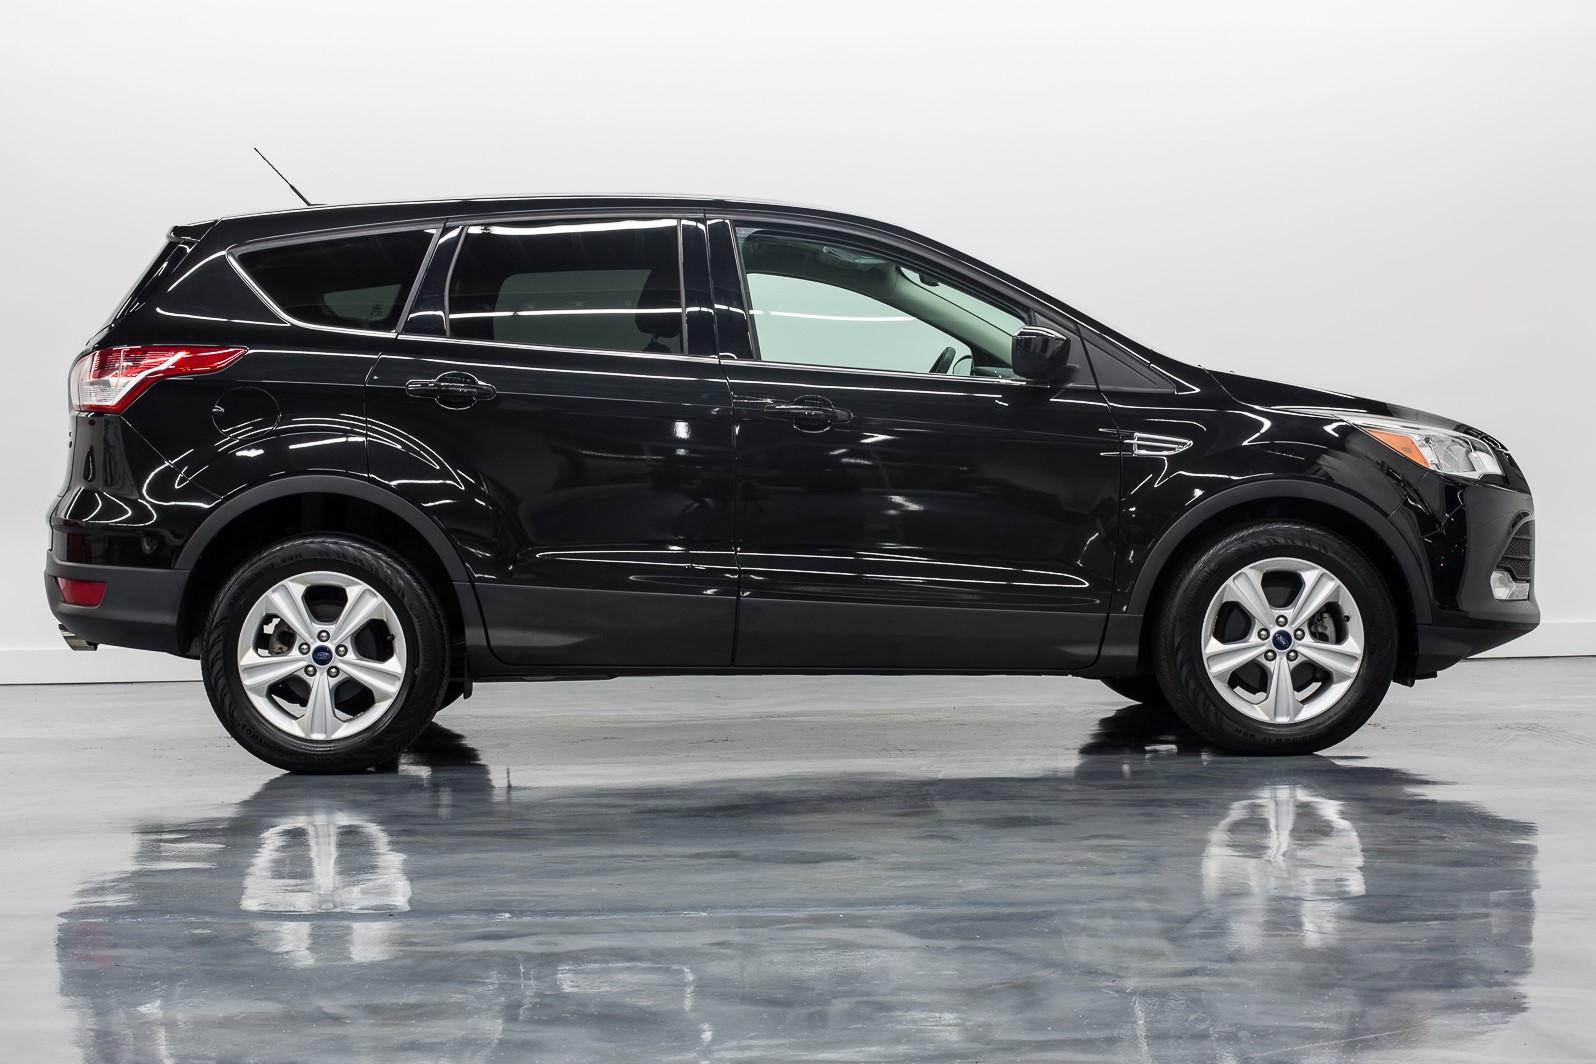 2014 Ford Escape full